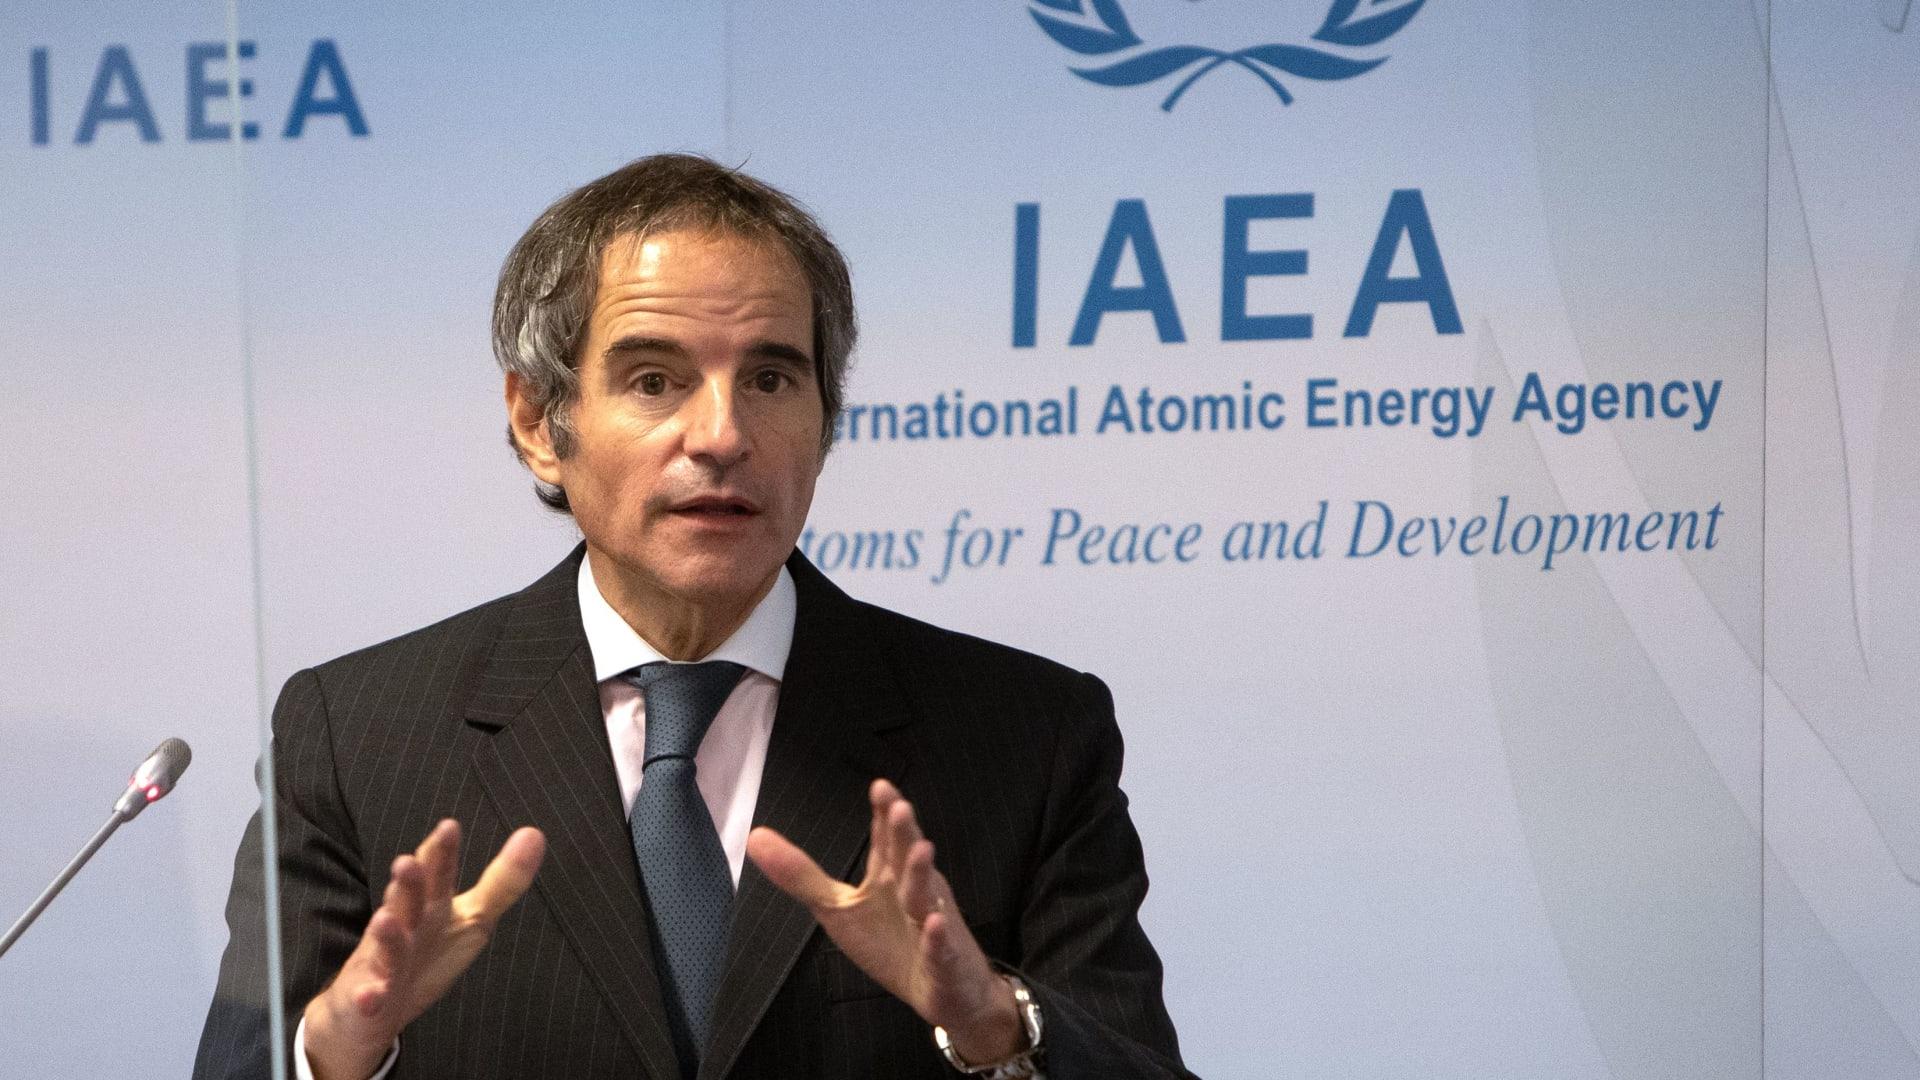 رافائيل غروسي، المدير العام للوكالة الدولية للطاقة الذرية